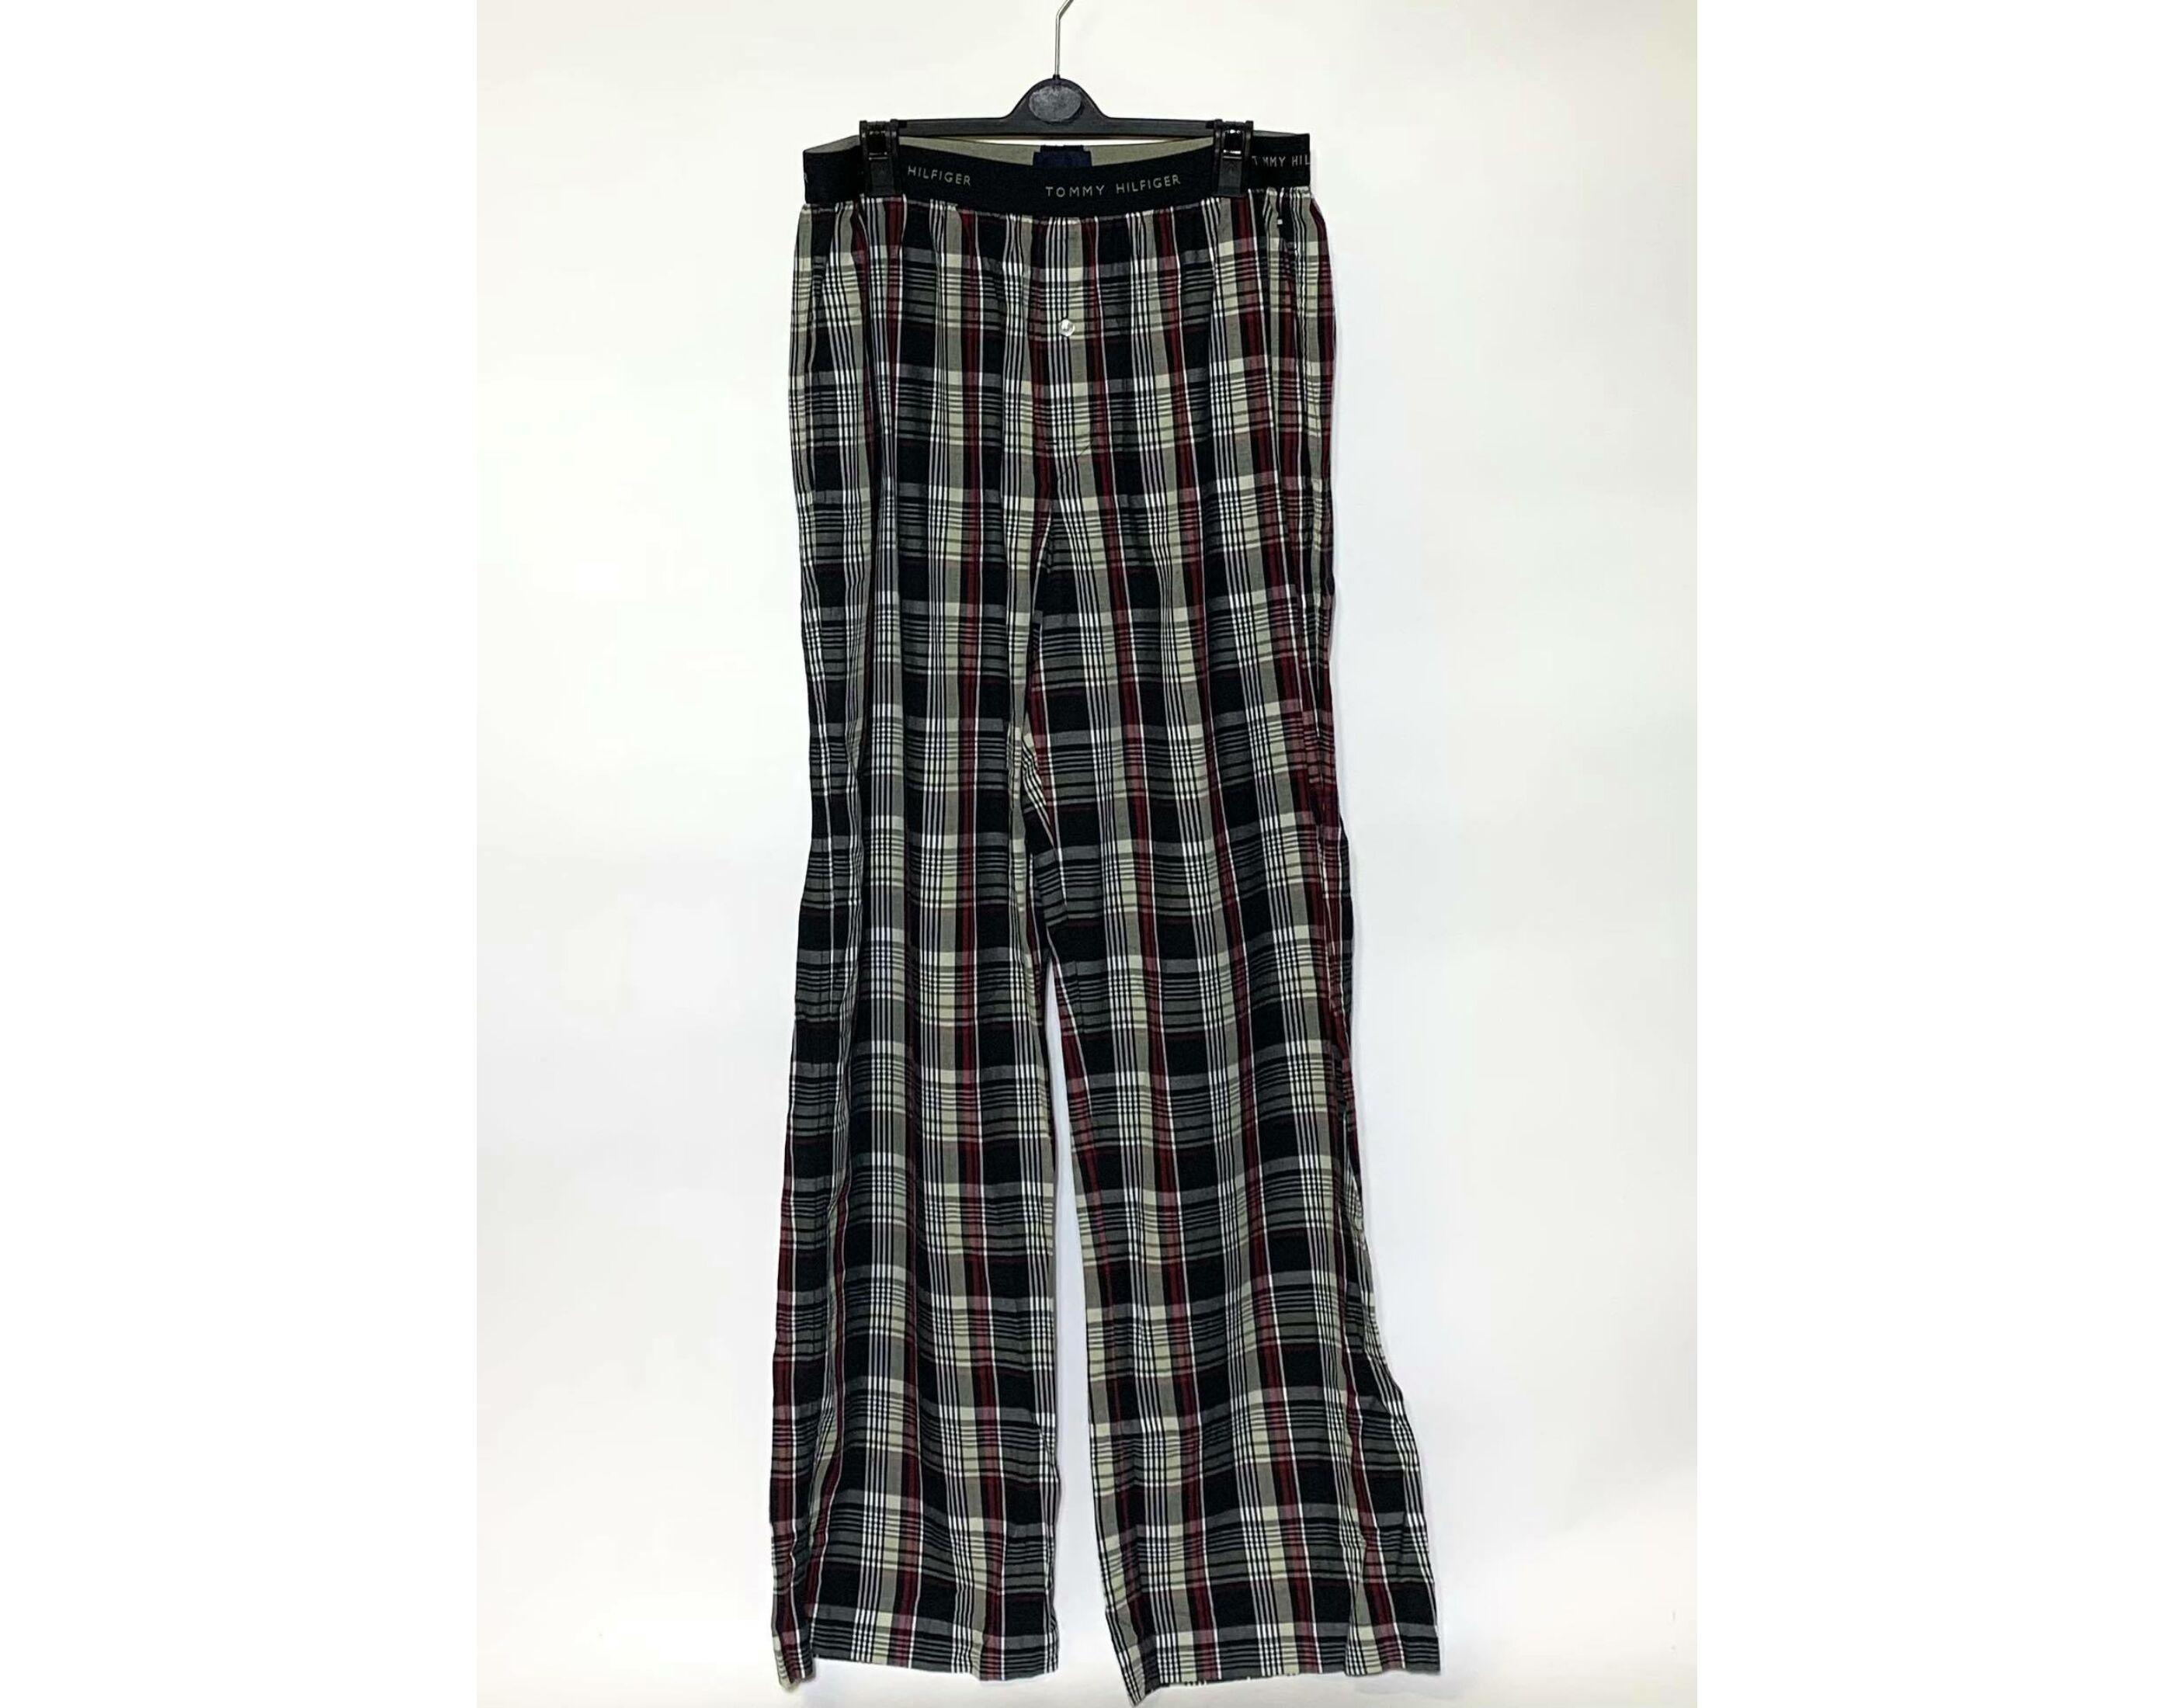 Tommy Hilfiger pizsamanadrág (XL)